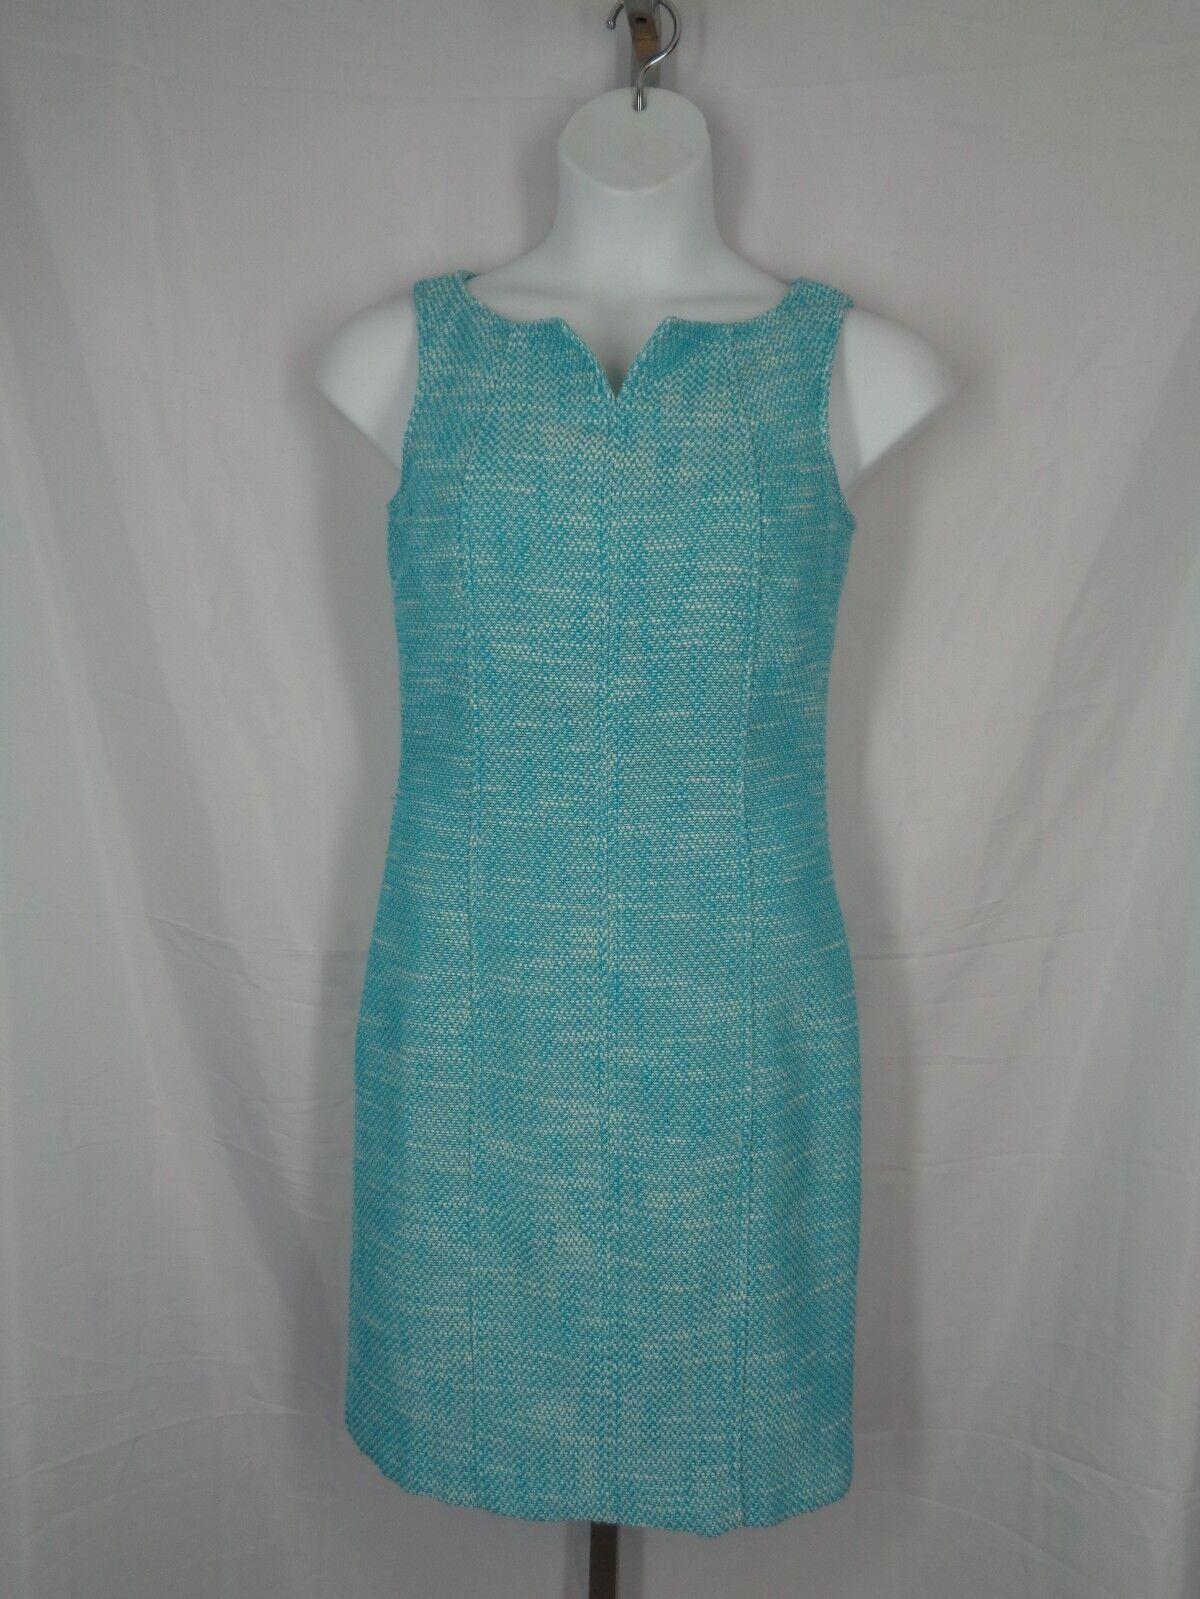 Talbots Dress Size 10 Aqua Turquoise Tweed Sheath Sleeveless Knee Length New